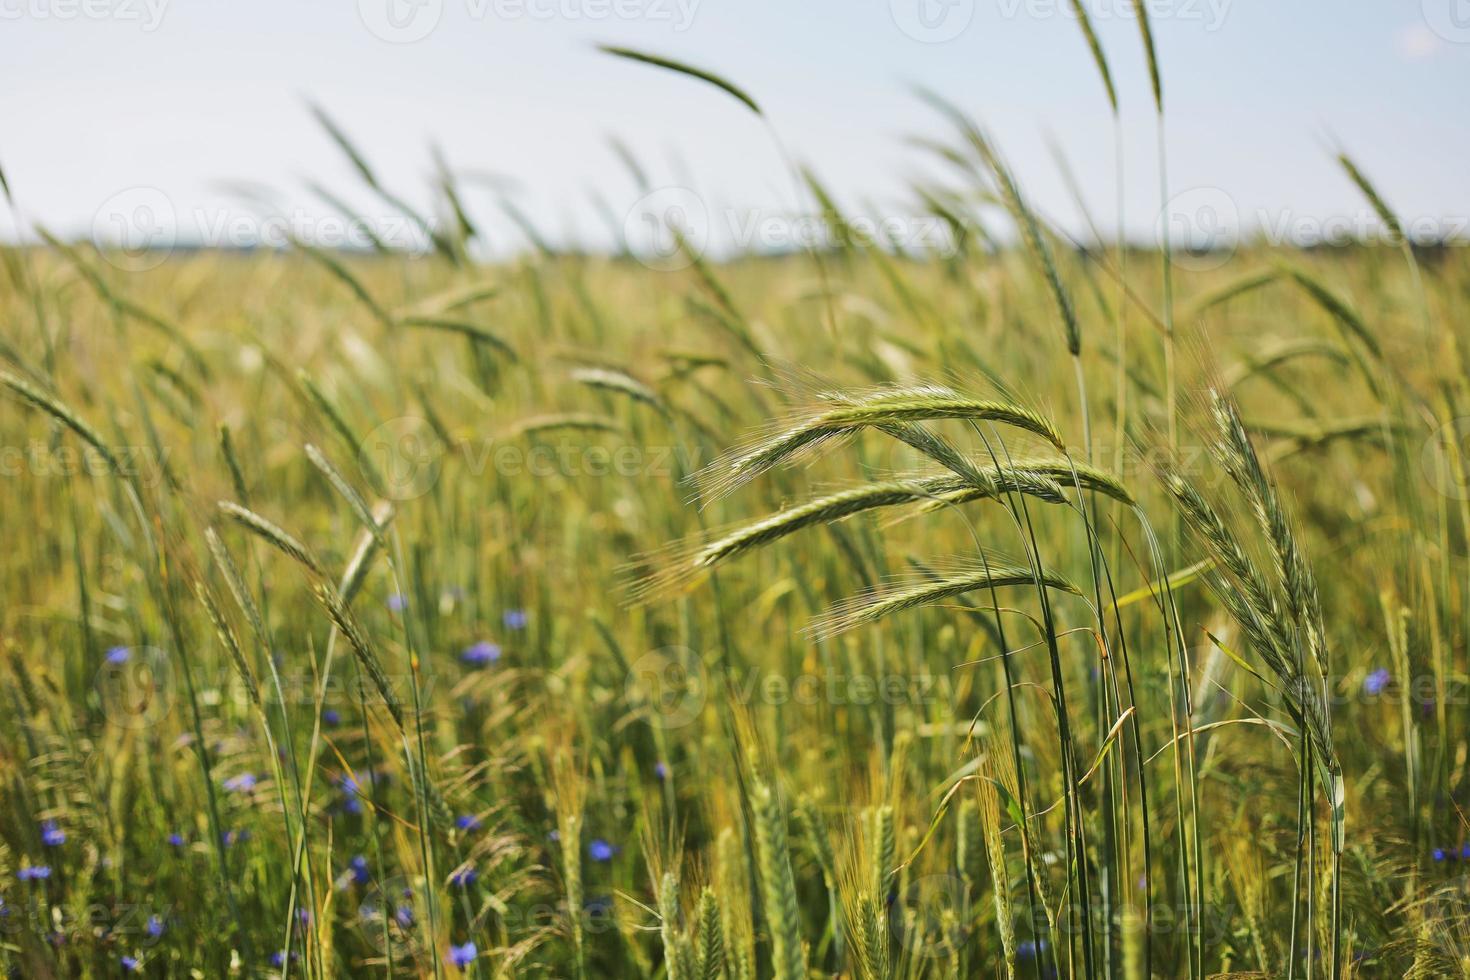 en närbild av några gröna öron i ett vetefält som mognar före skörd på en solig dag. mogna öron av vete. saftiga färska öron av ungt grönt vete på våren. grönt vetefält. selektivt fokus foto